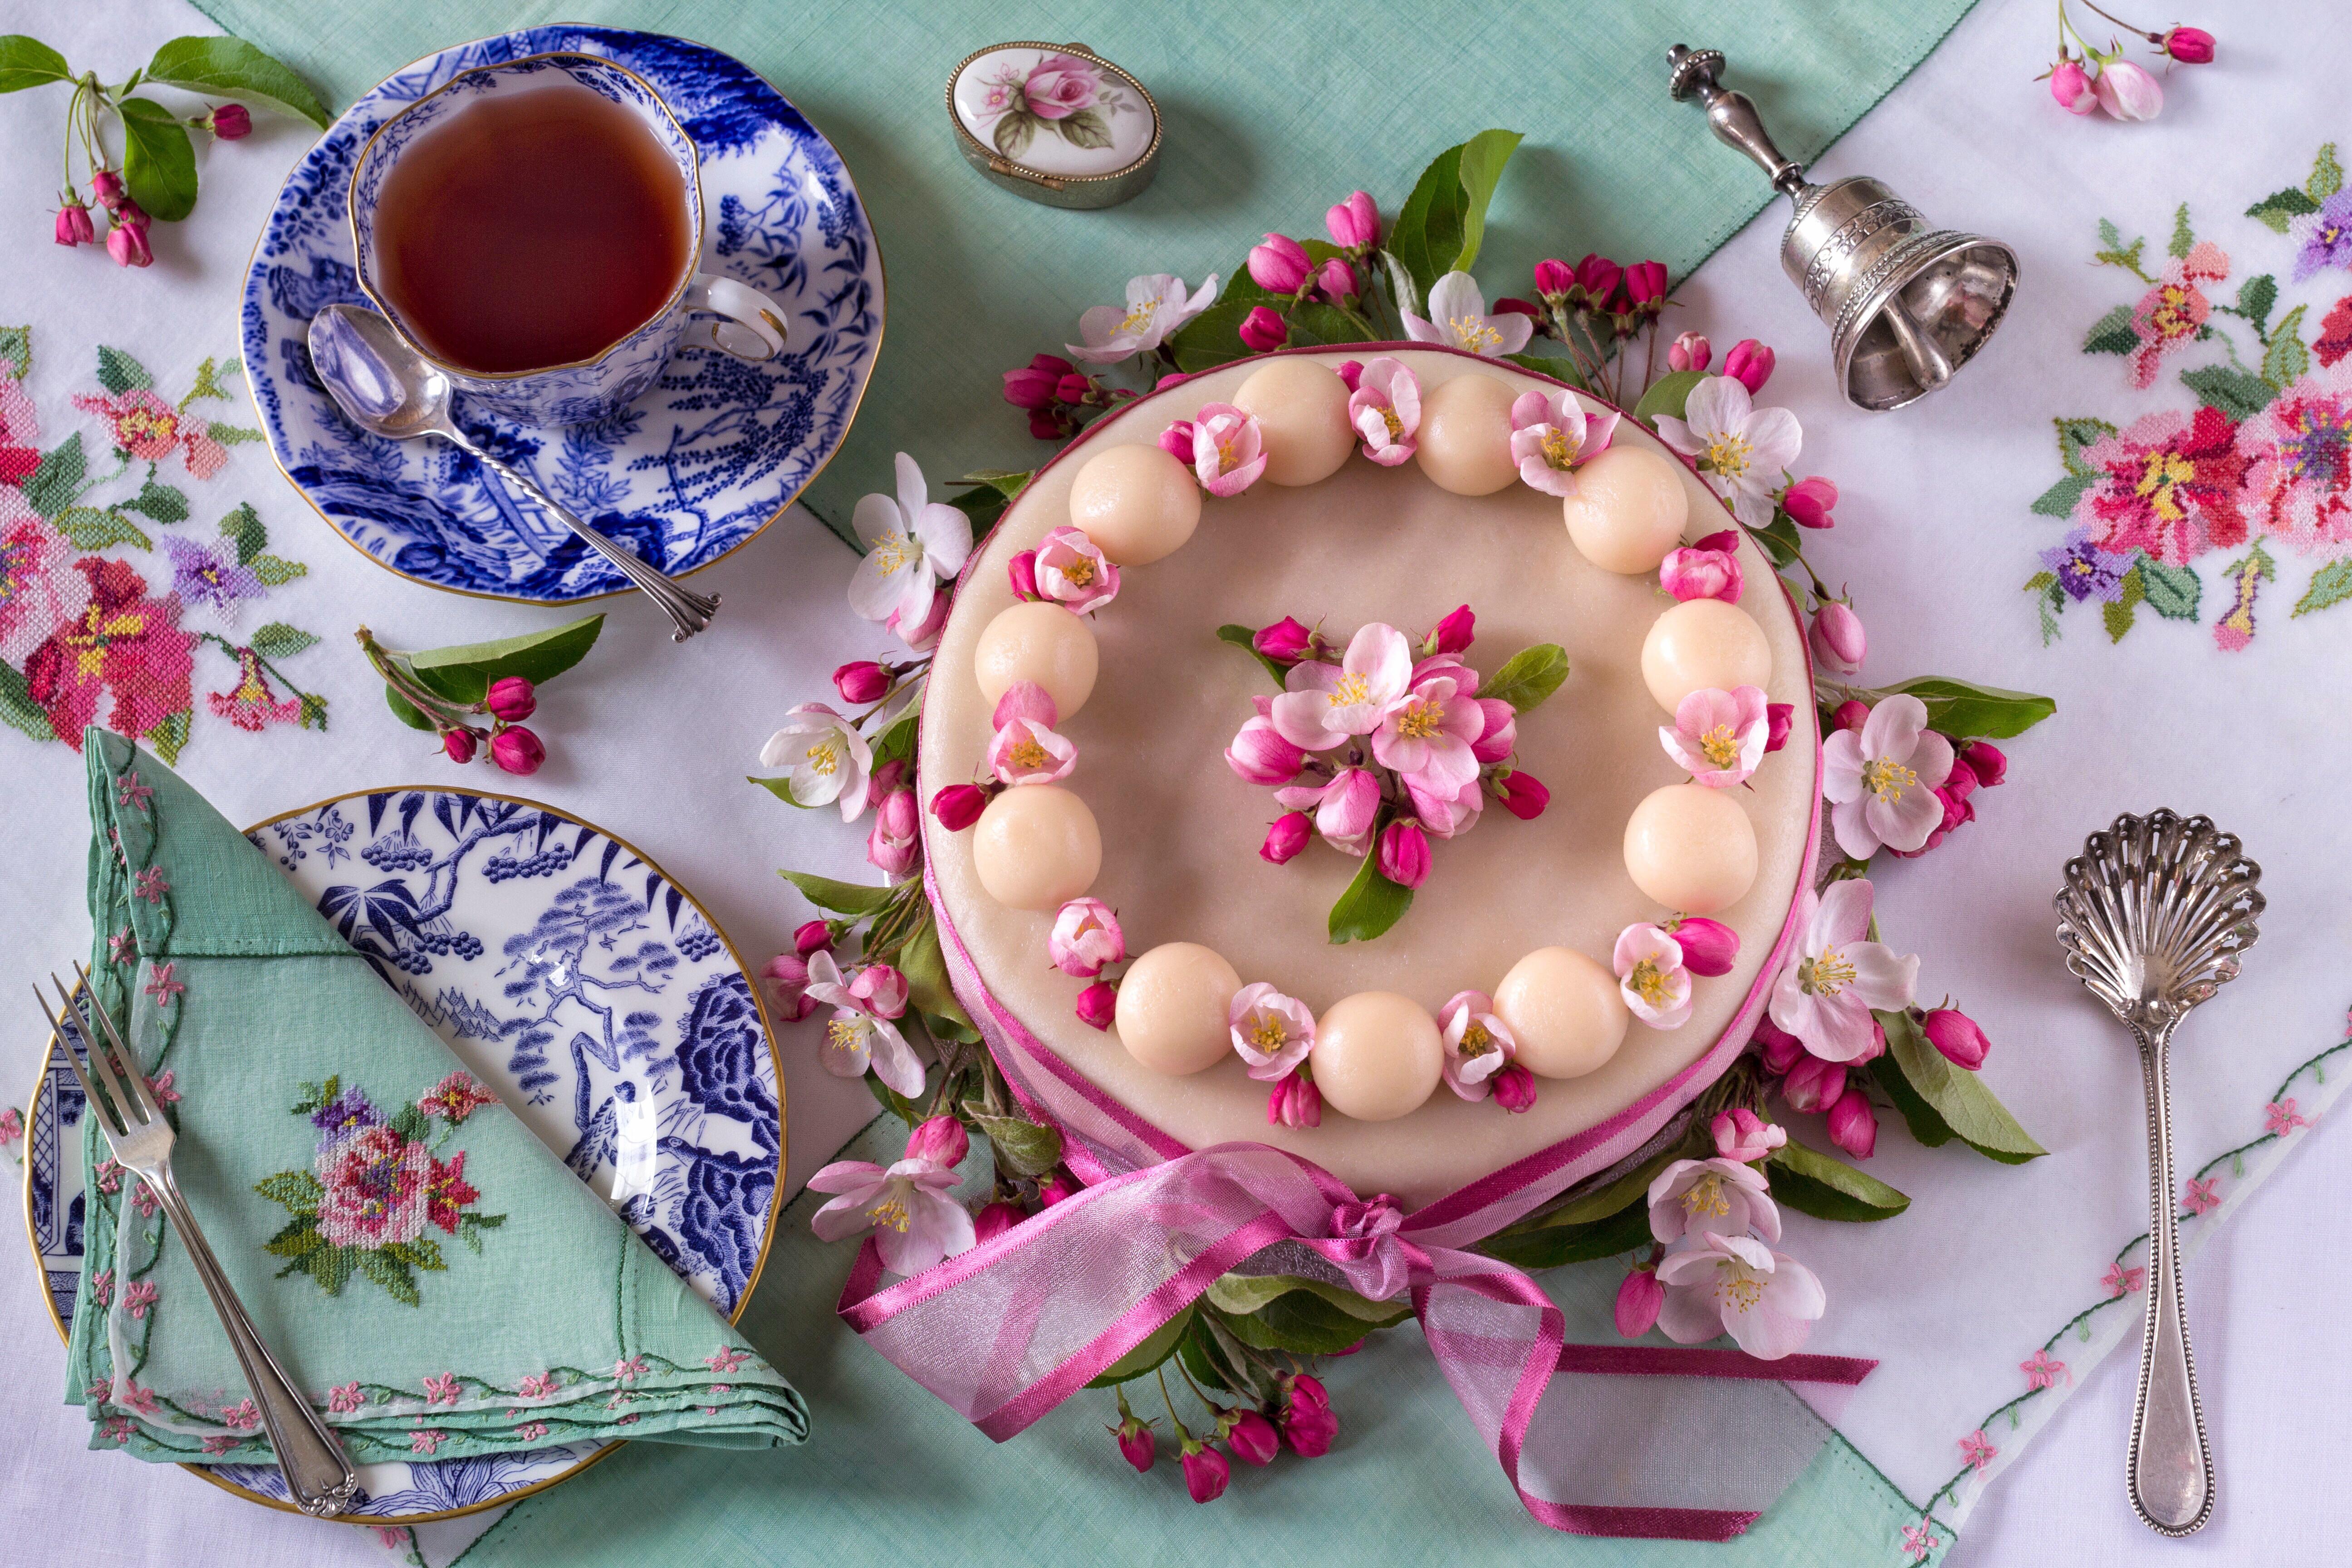 Картинки чай с тортиком на столе